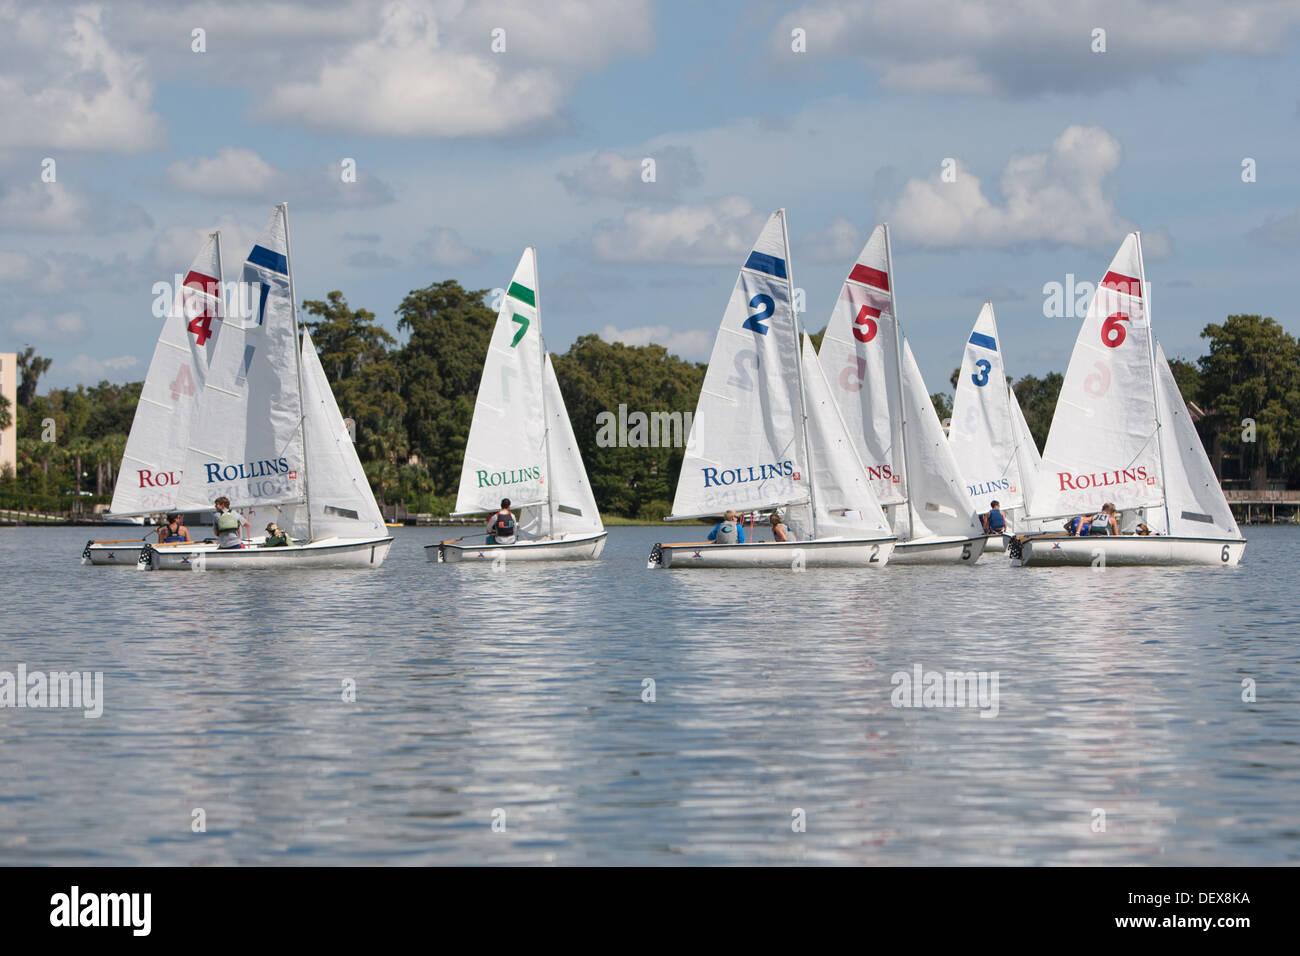 Segelboote für Rennen vorbereiten Stockbild